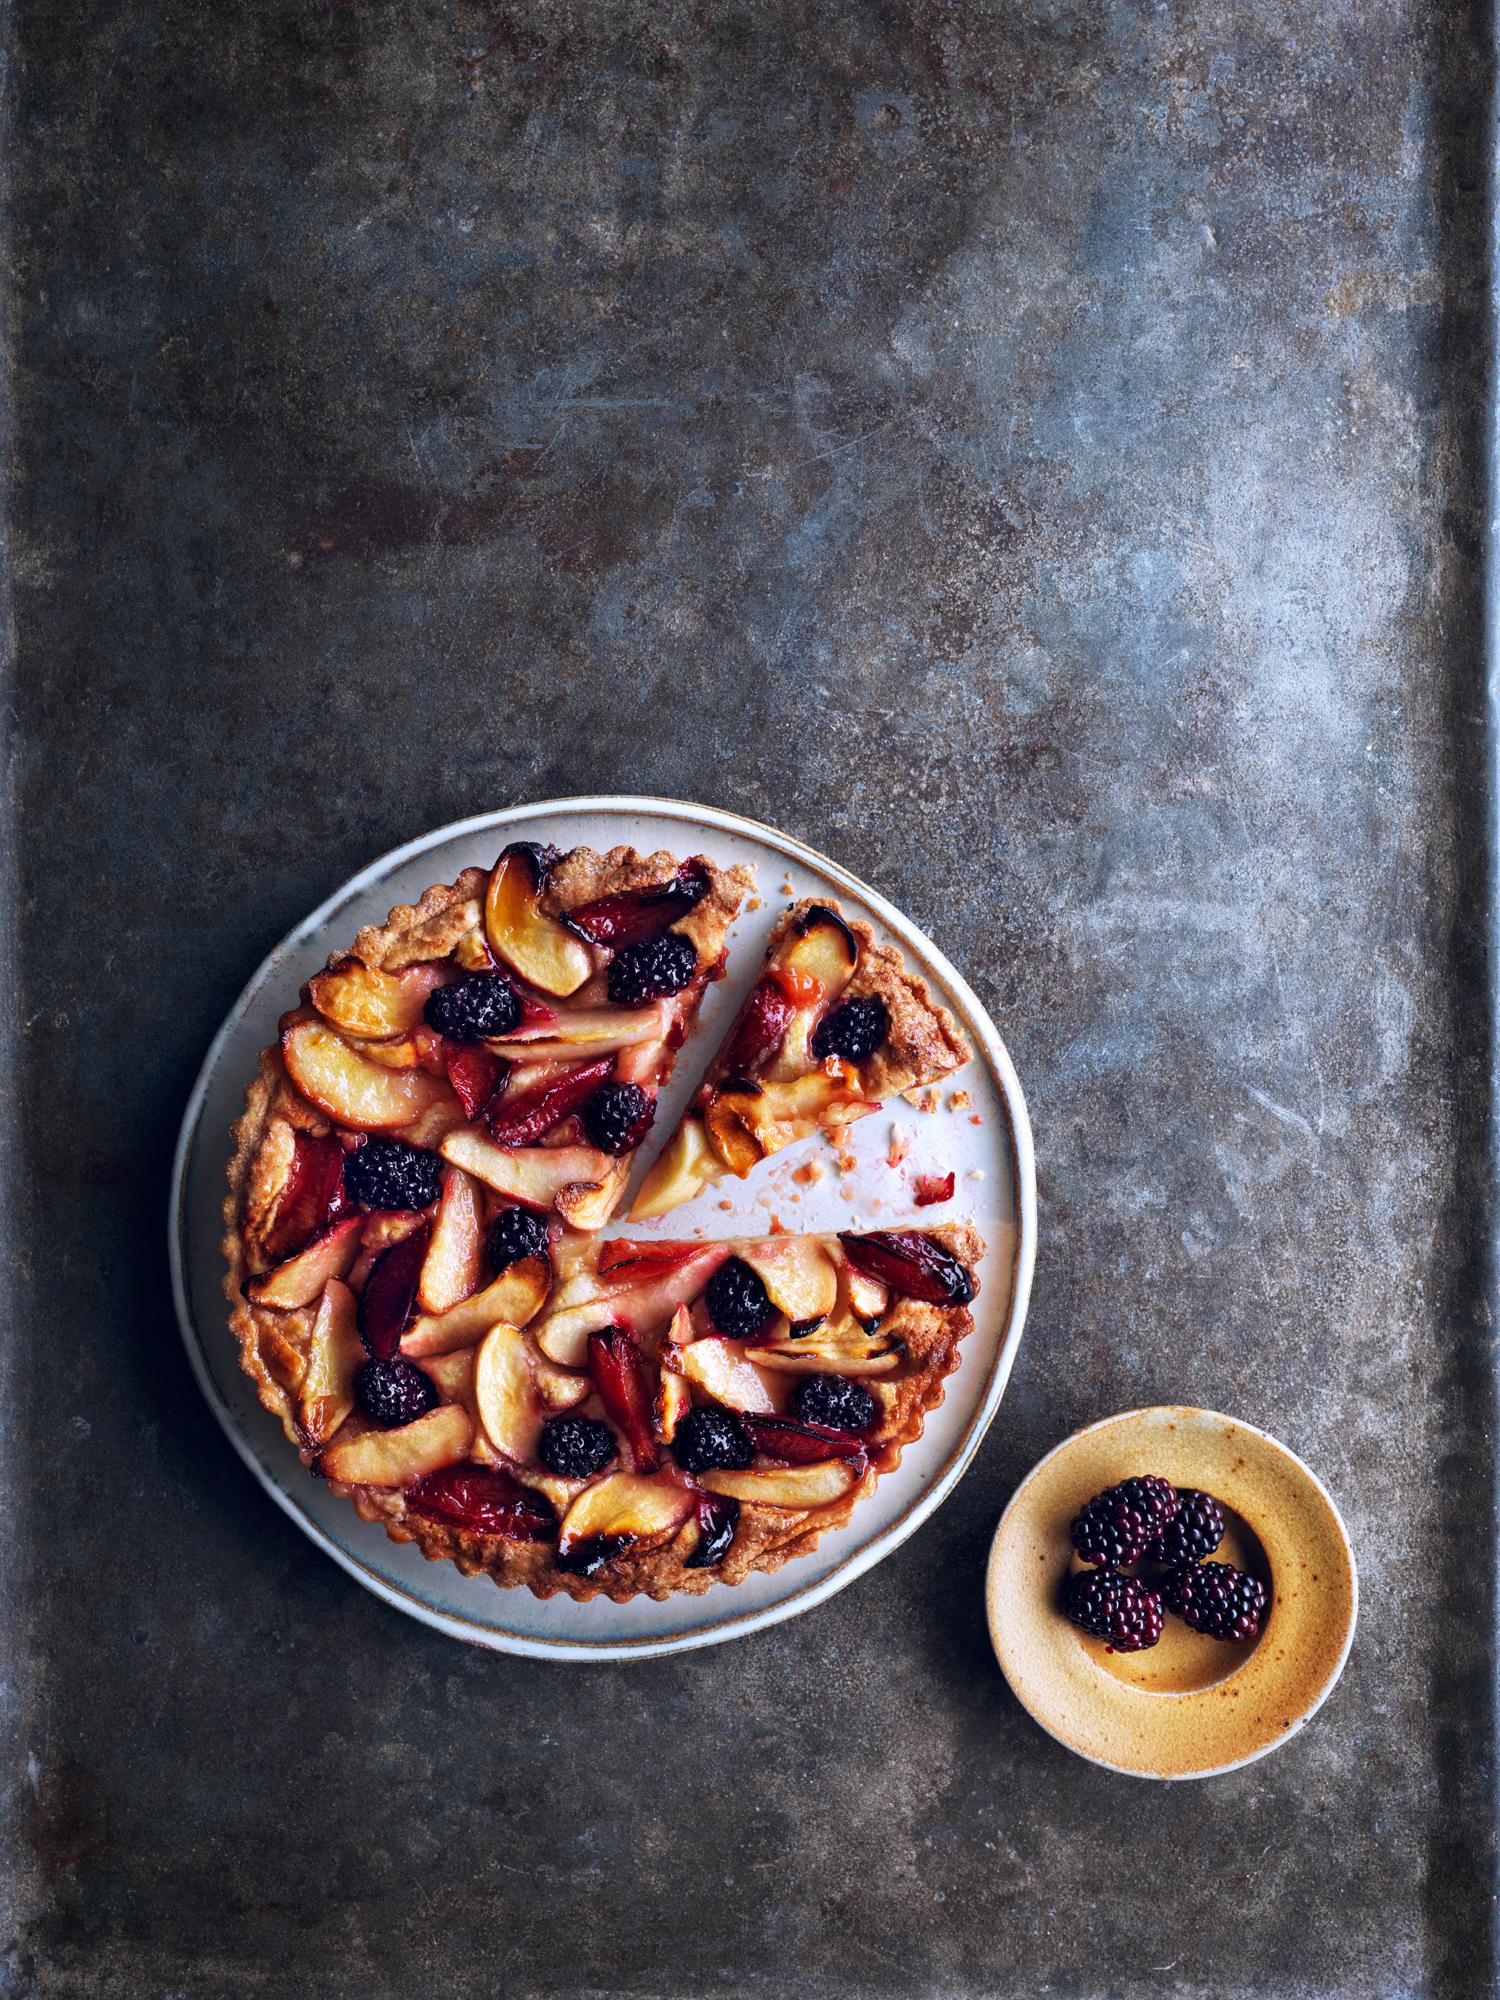 JamieMagazine_Oct_OrchardPuddings_8.8.17_OrchardFrangipaneTart_COVER - 071.jpg